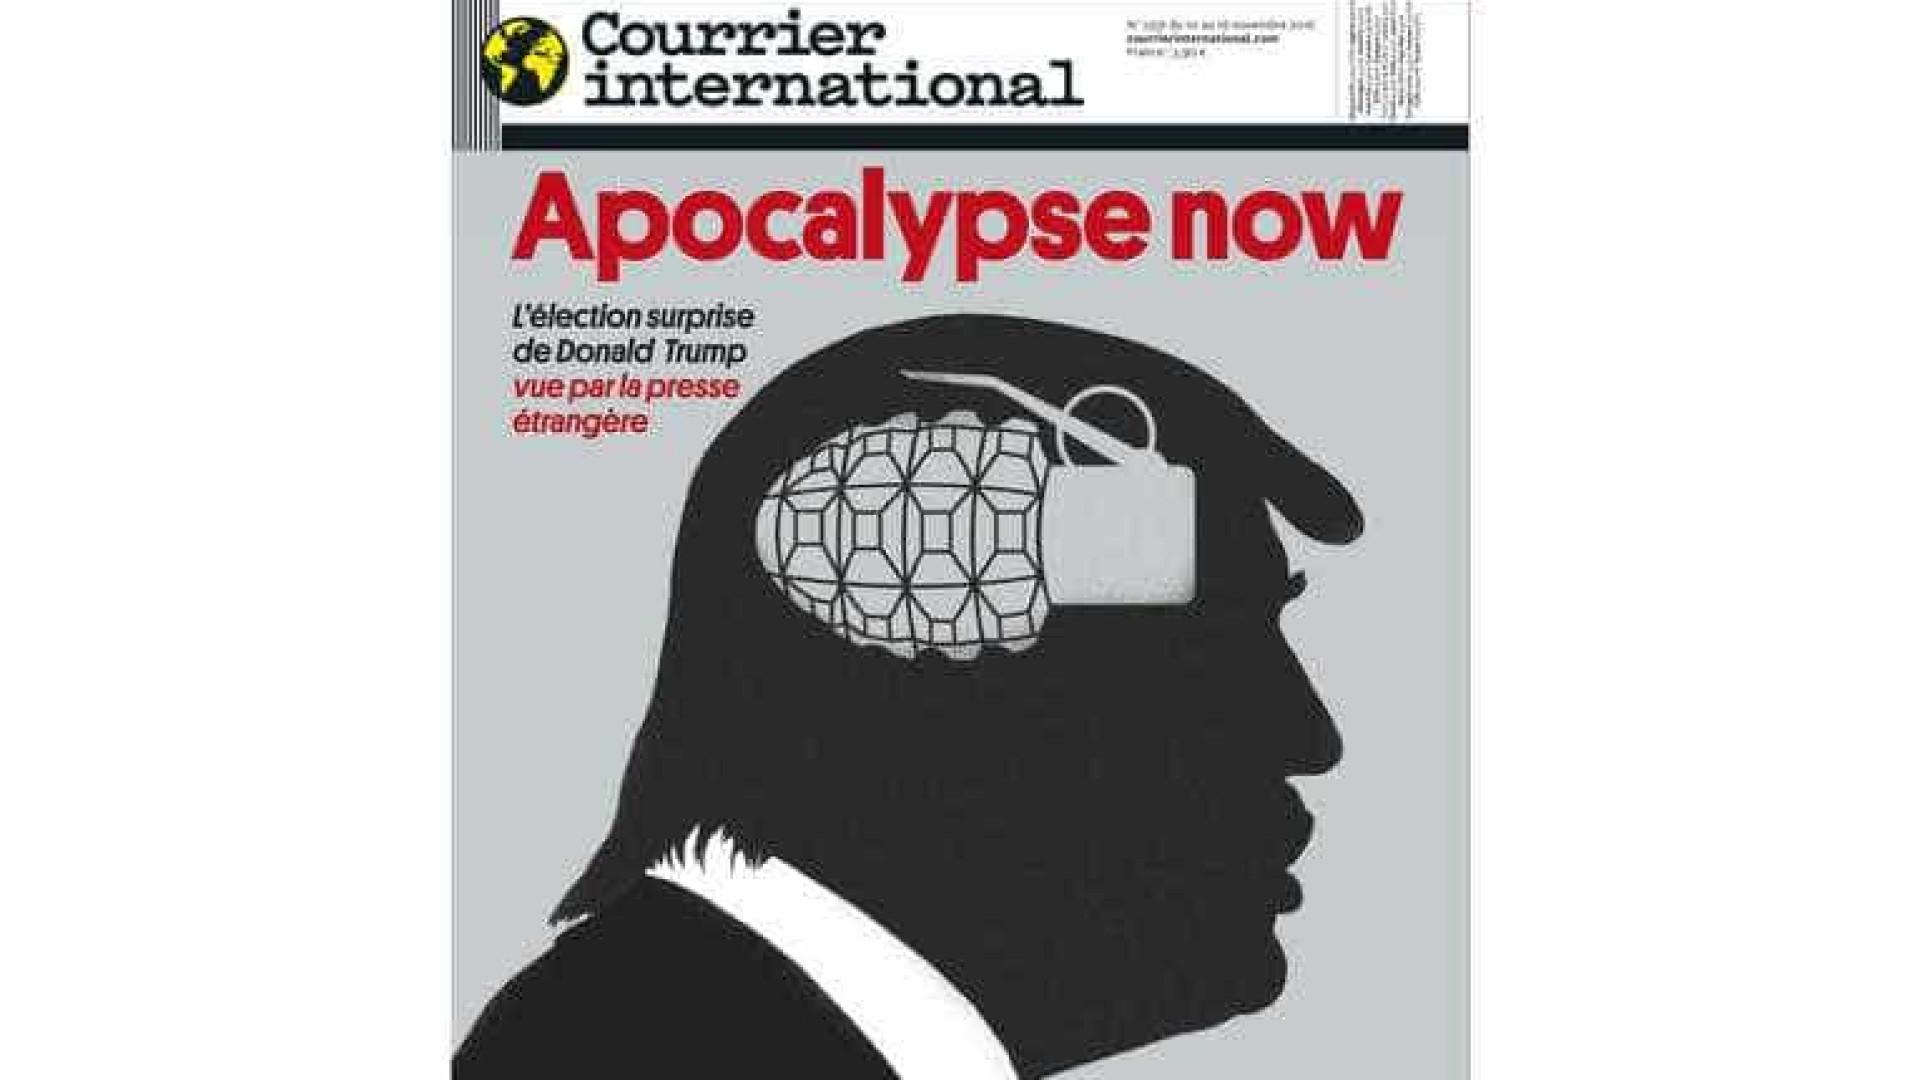 Eleição (surpreendente) de Trump 'vale' prémio à Courrier international